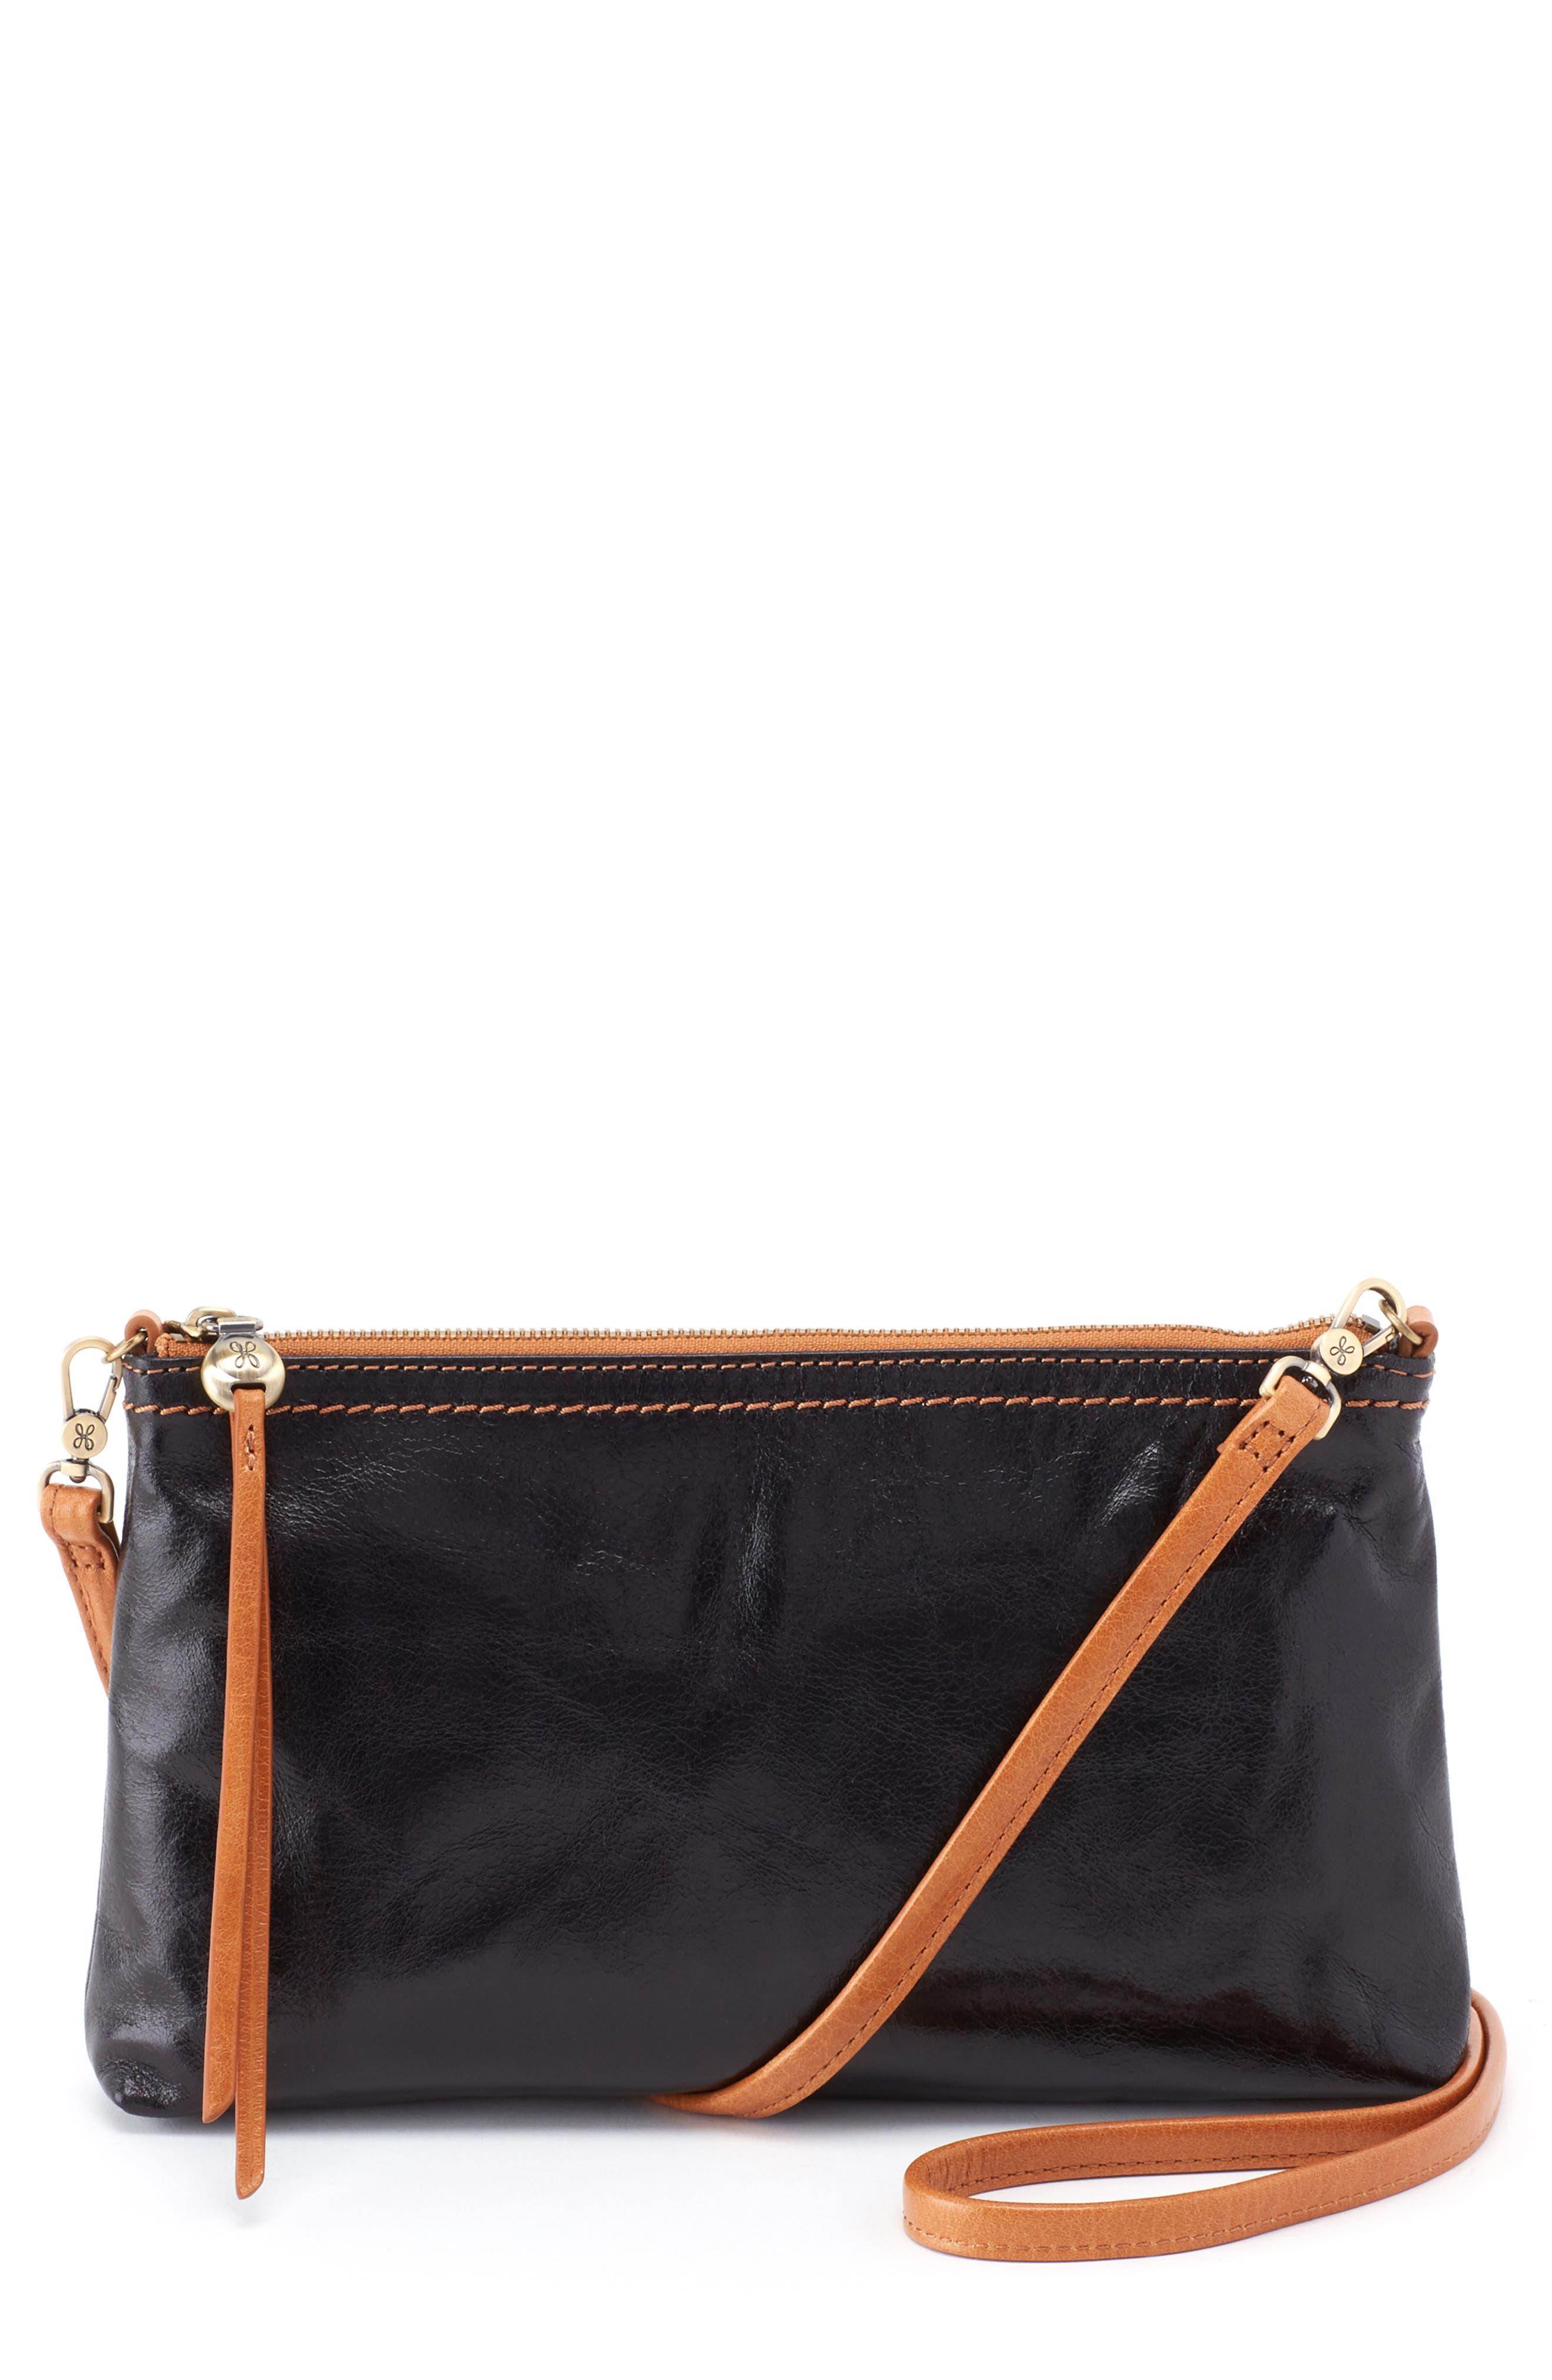 Darcy  Crossbody Bag,                             Main thumbnail 1, color,                             001